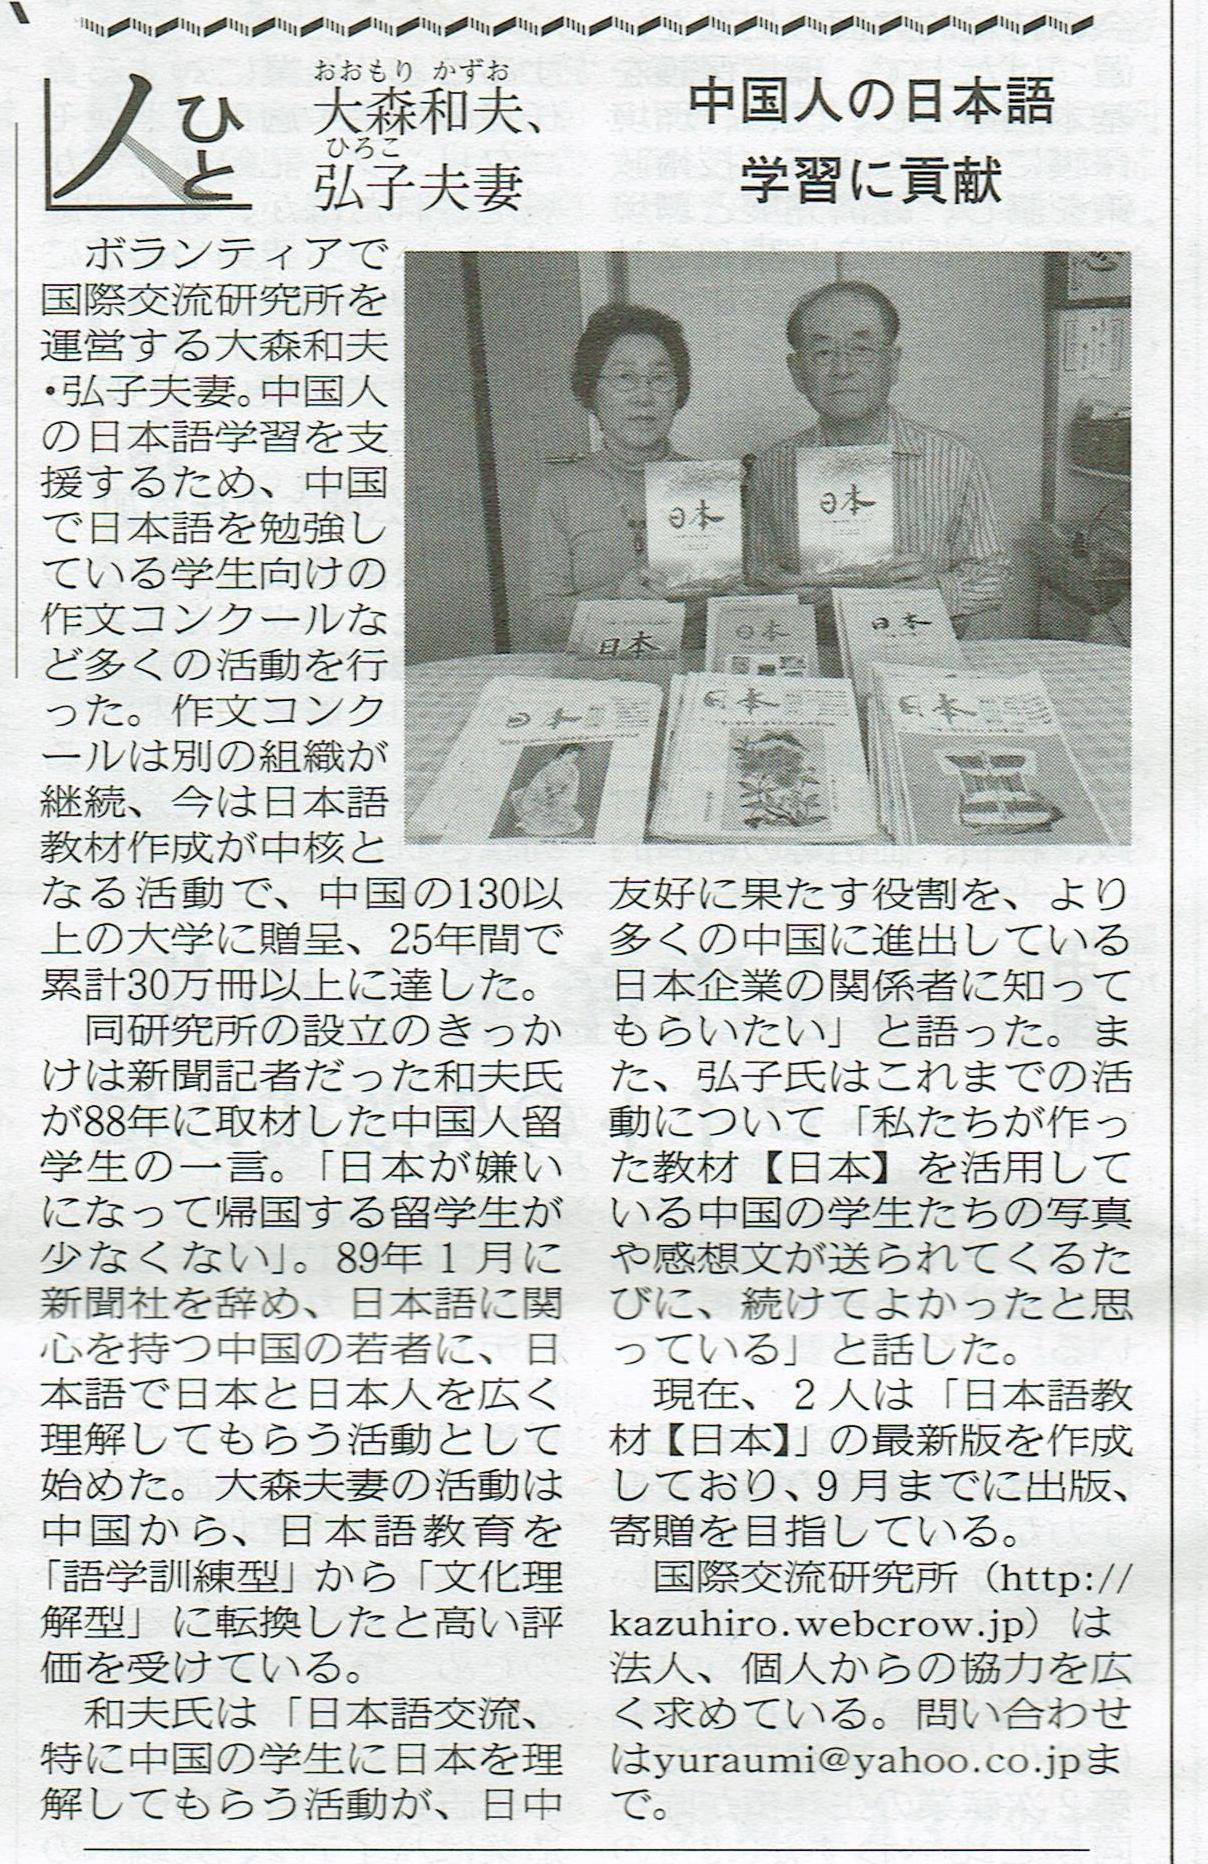 夫婦の「日中・日本語交流」著者、大森和夫・弘子夫婦、国際貿易新聞に紹介された_d0027795_9411287.jpg